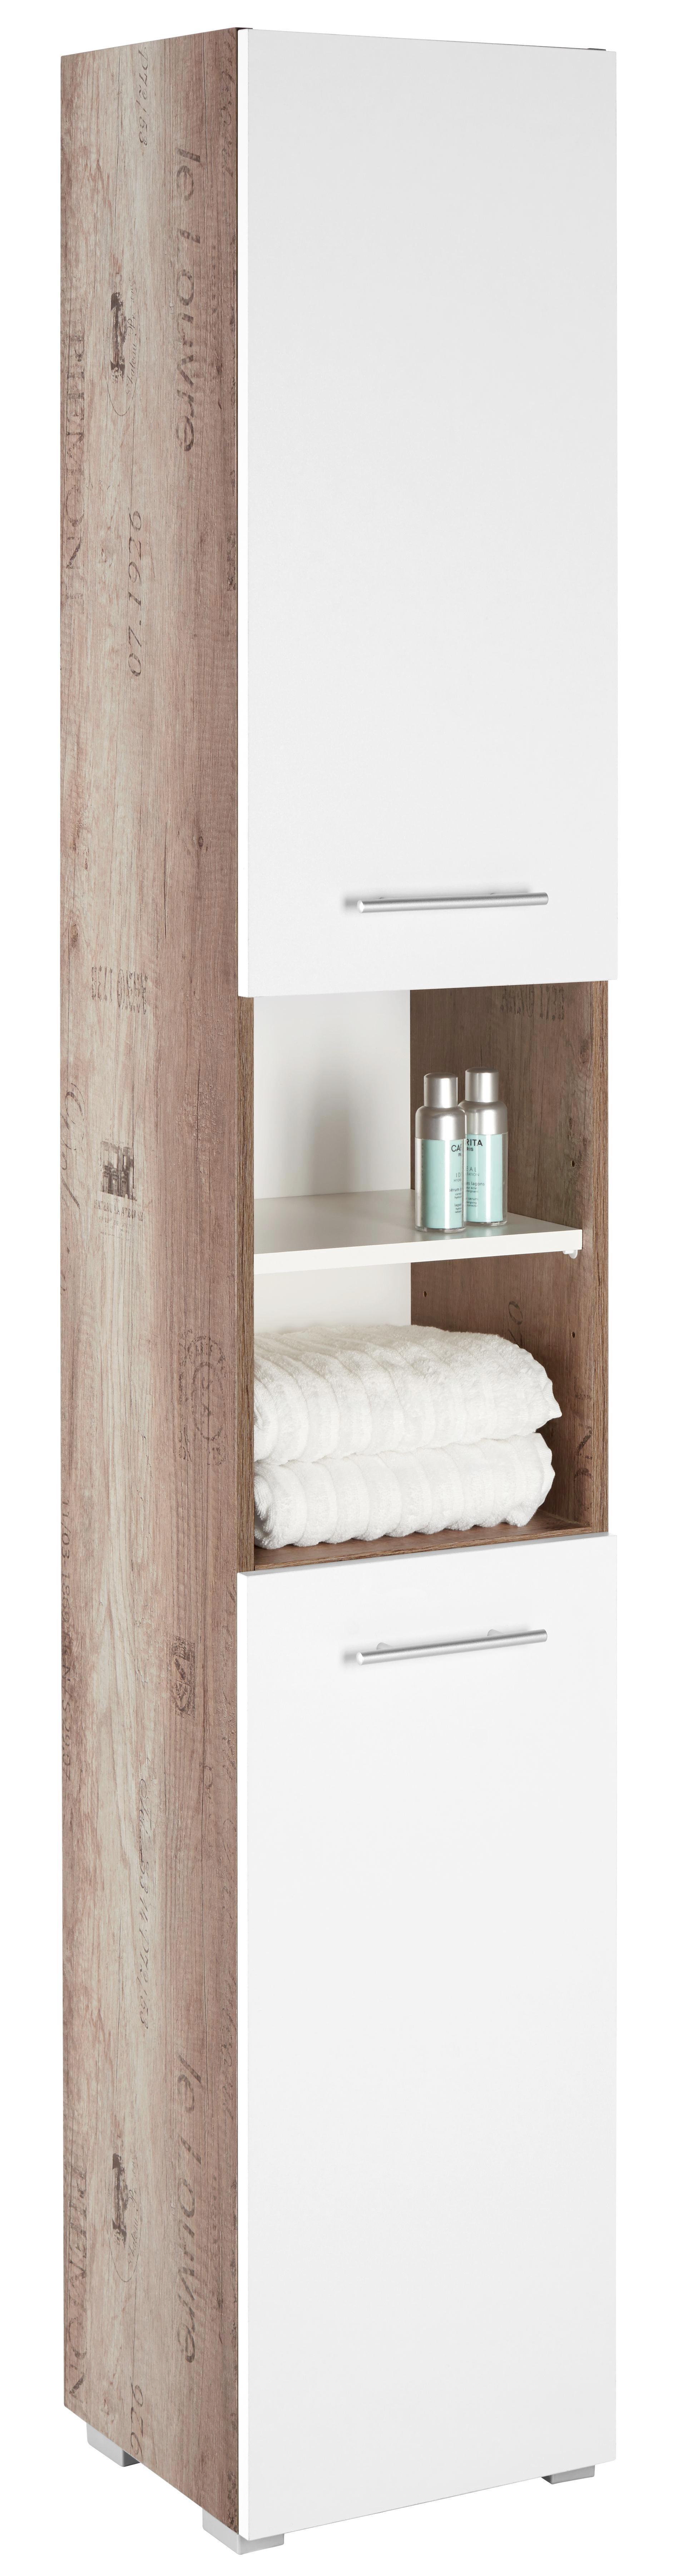 Hochschrank in Weiß/Eiche - Eichefarben/Alufarben, MODERN, Holzwerkstoff/Kunststoff (32,5/186,5/30,5cm) - MÖMAX modern living